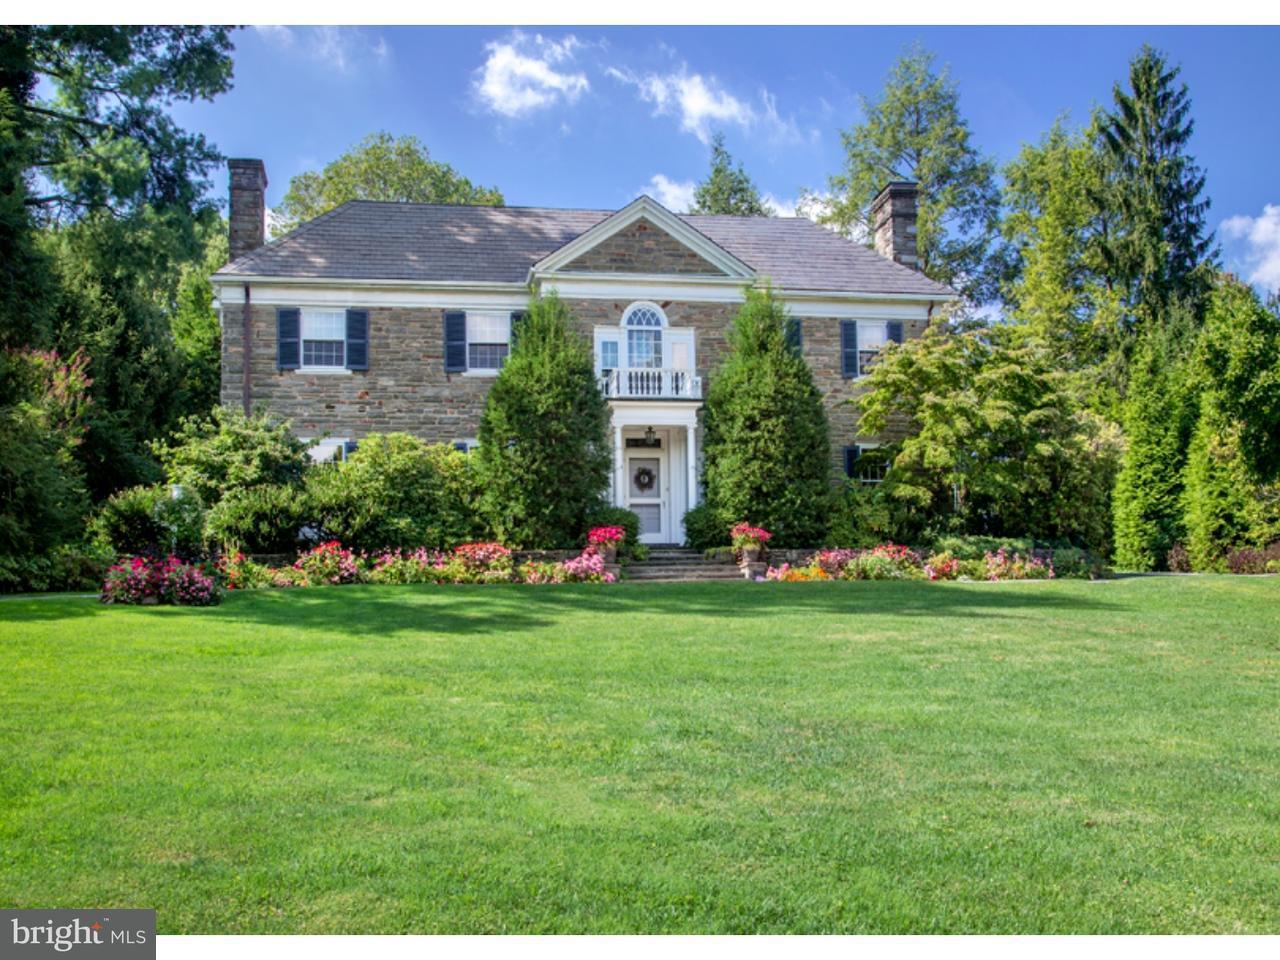 Частный односемейный дом для того Продажа на 234 CHESWOLD HILL Road Haverford, Пенсильвания 19041 Соединенные Штаты